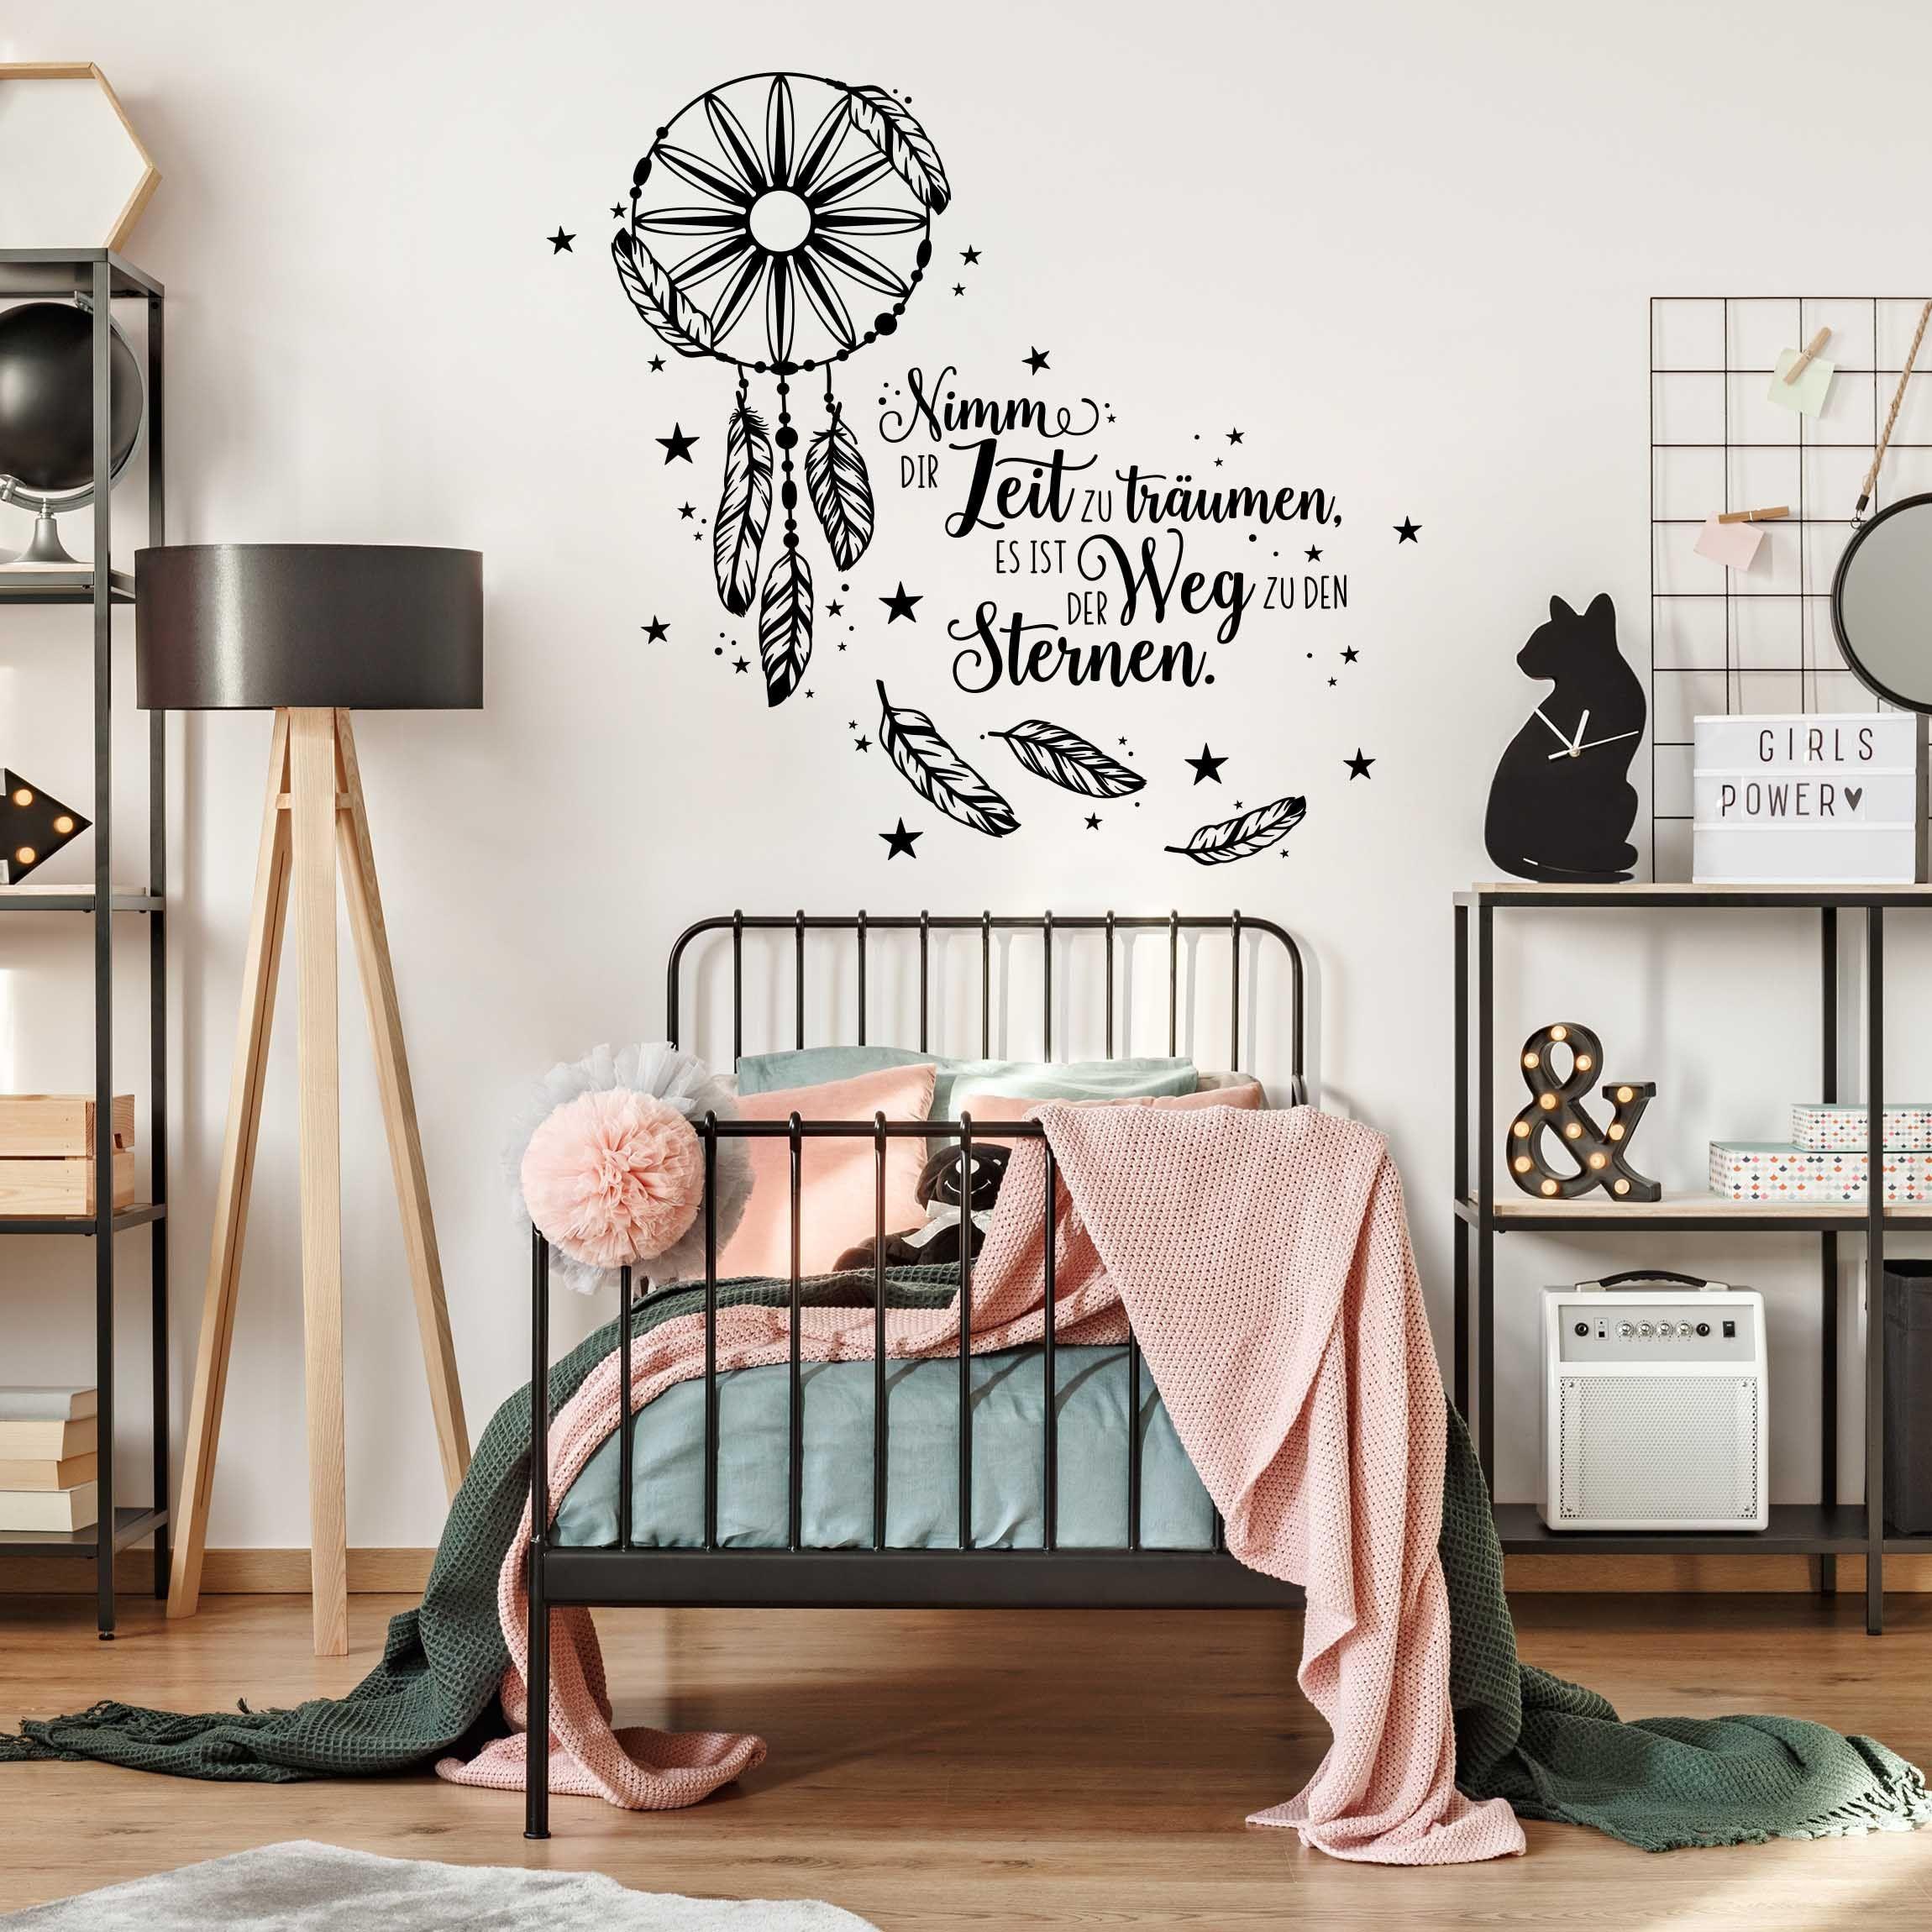 Wandtattoo Traumfanger Nimm Dir Zeit In 2020 Wandtattoo Schlafzimmer Schlafzimmer Wand Wandgestaltung Schlafzimmer